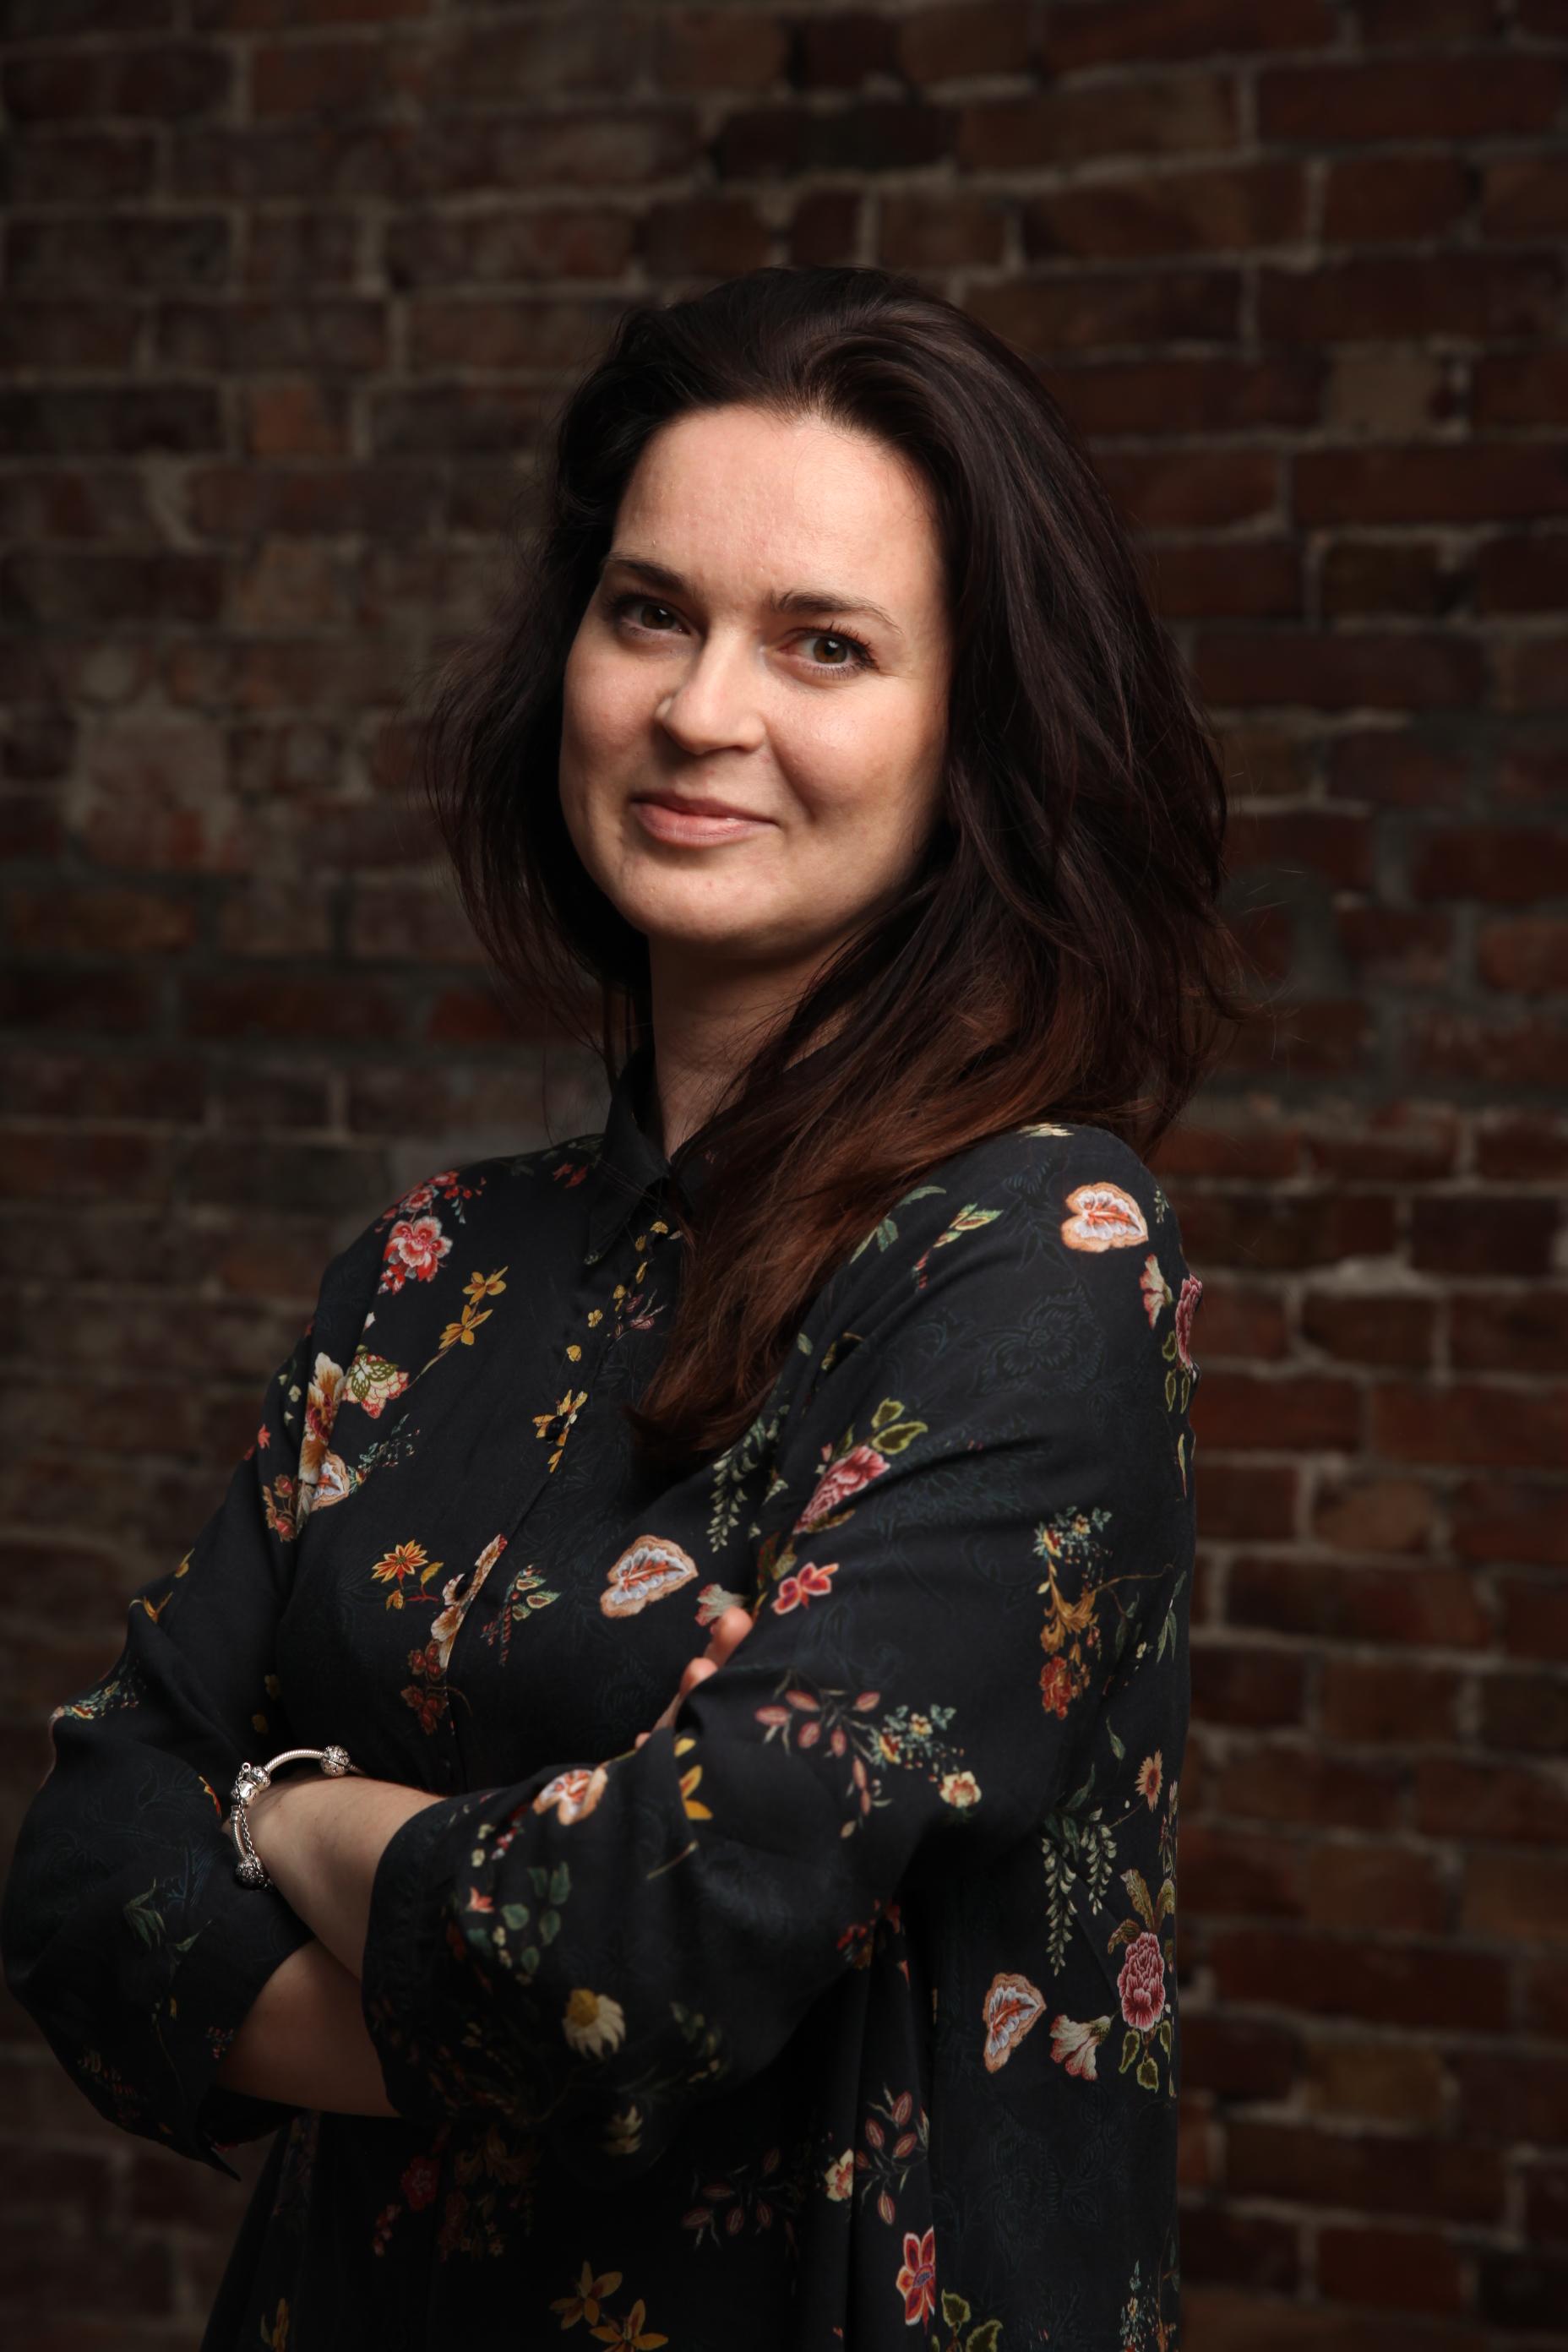 Malgorzata Bak - Høyere utdanningTeknologi og realfag